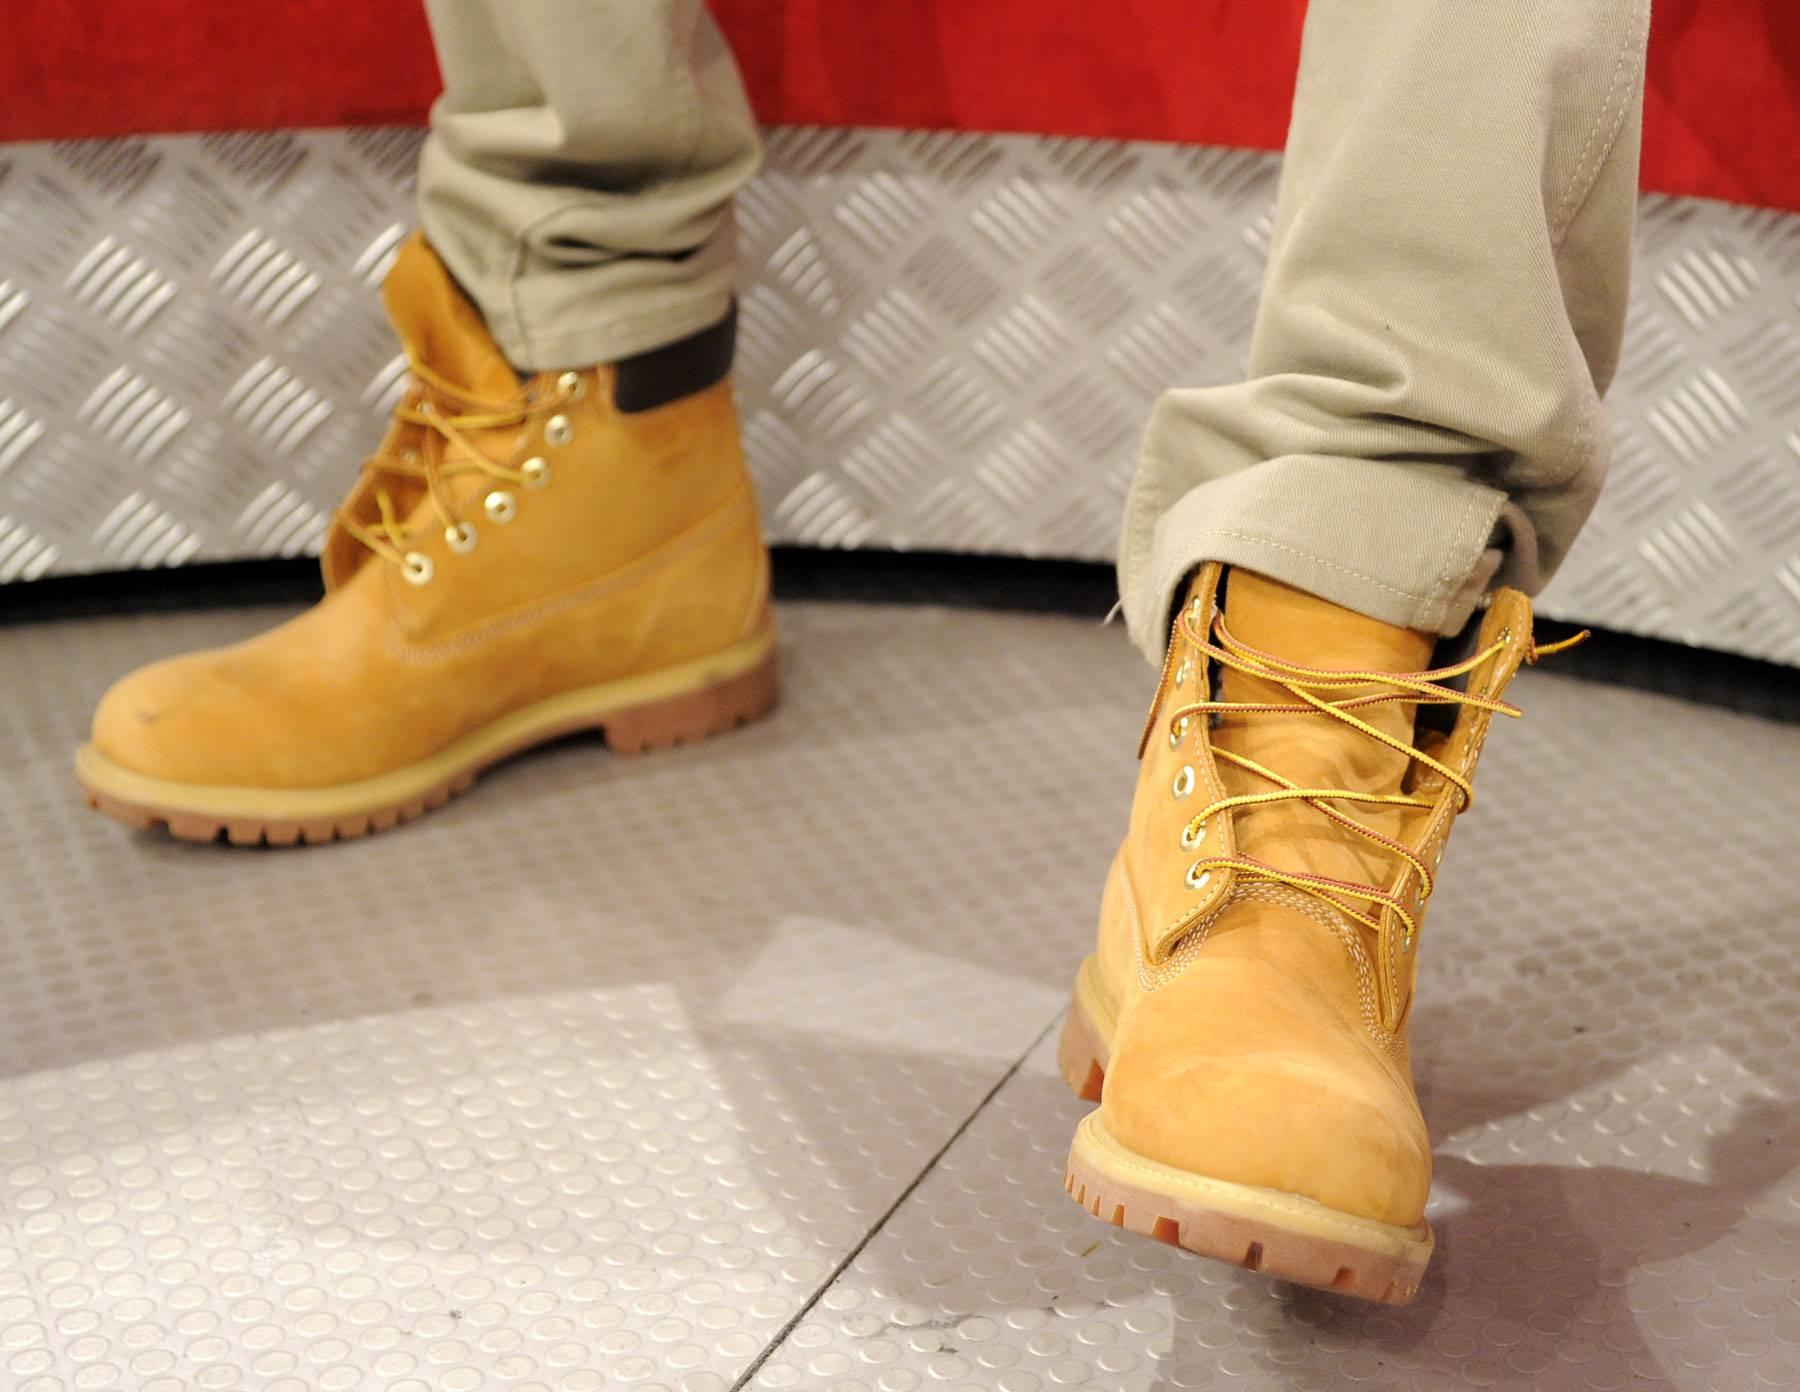 My boots - Terrence J at 106 & Park, May 16, 2012. (Photo: John Ricard / BET)